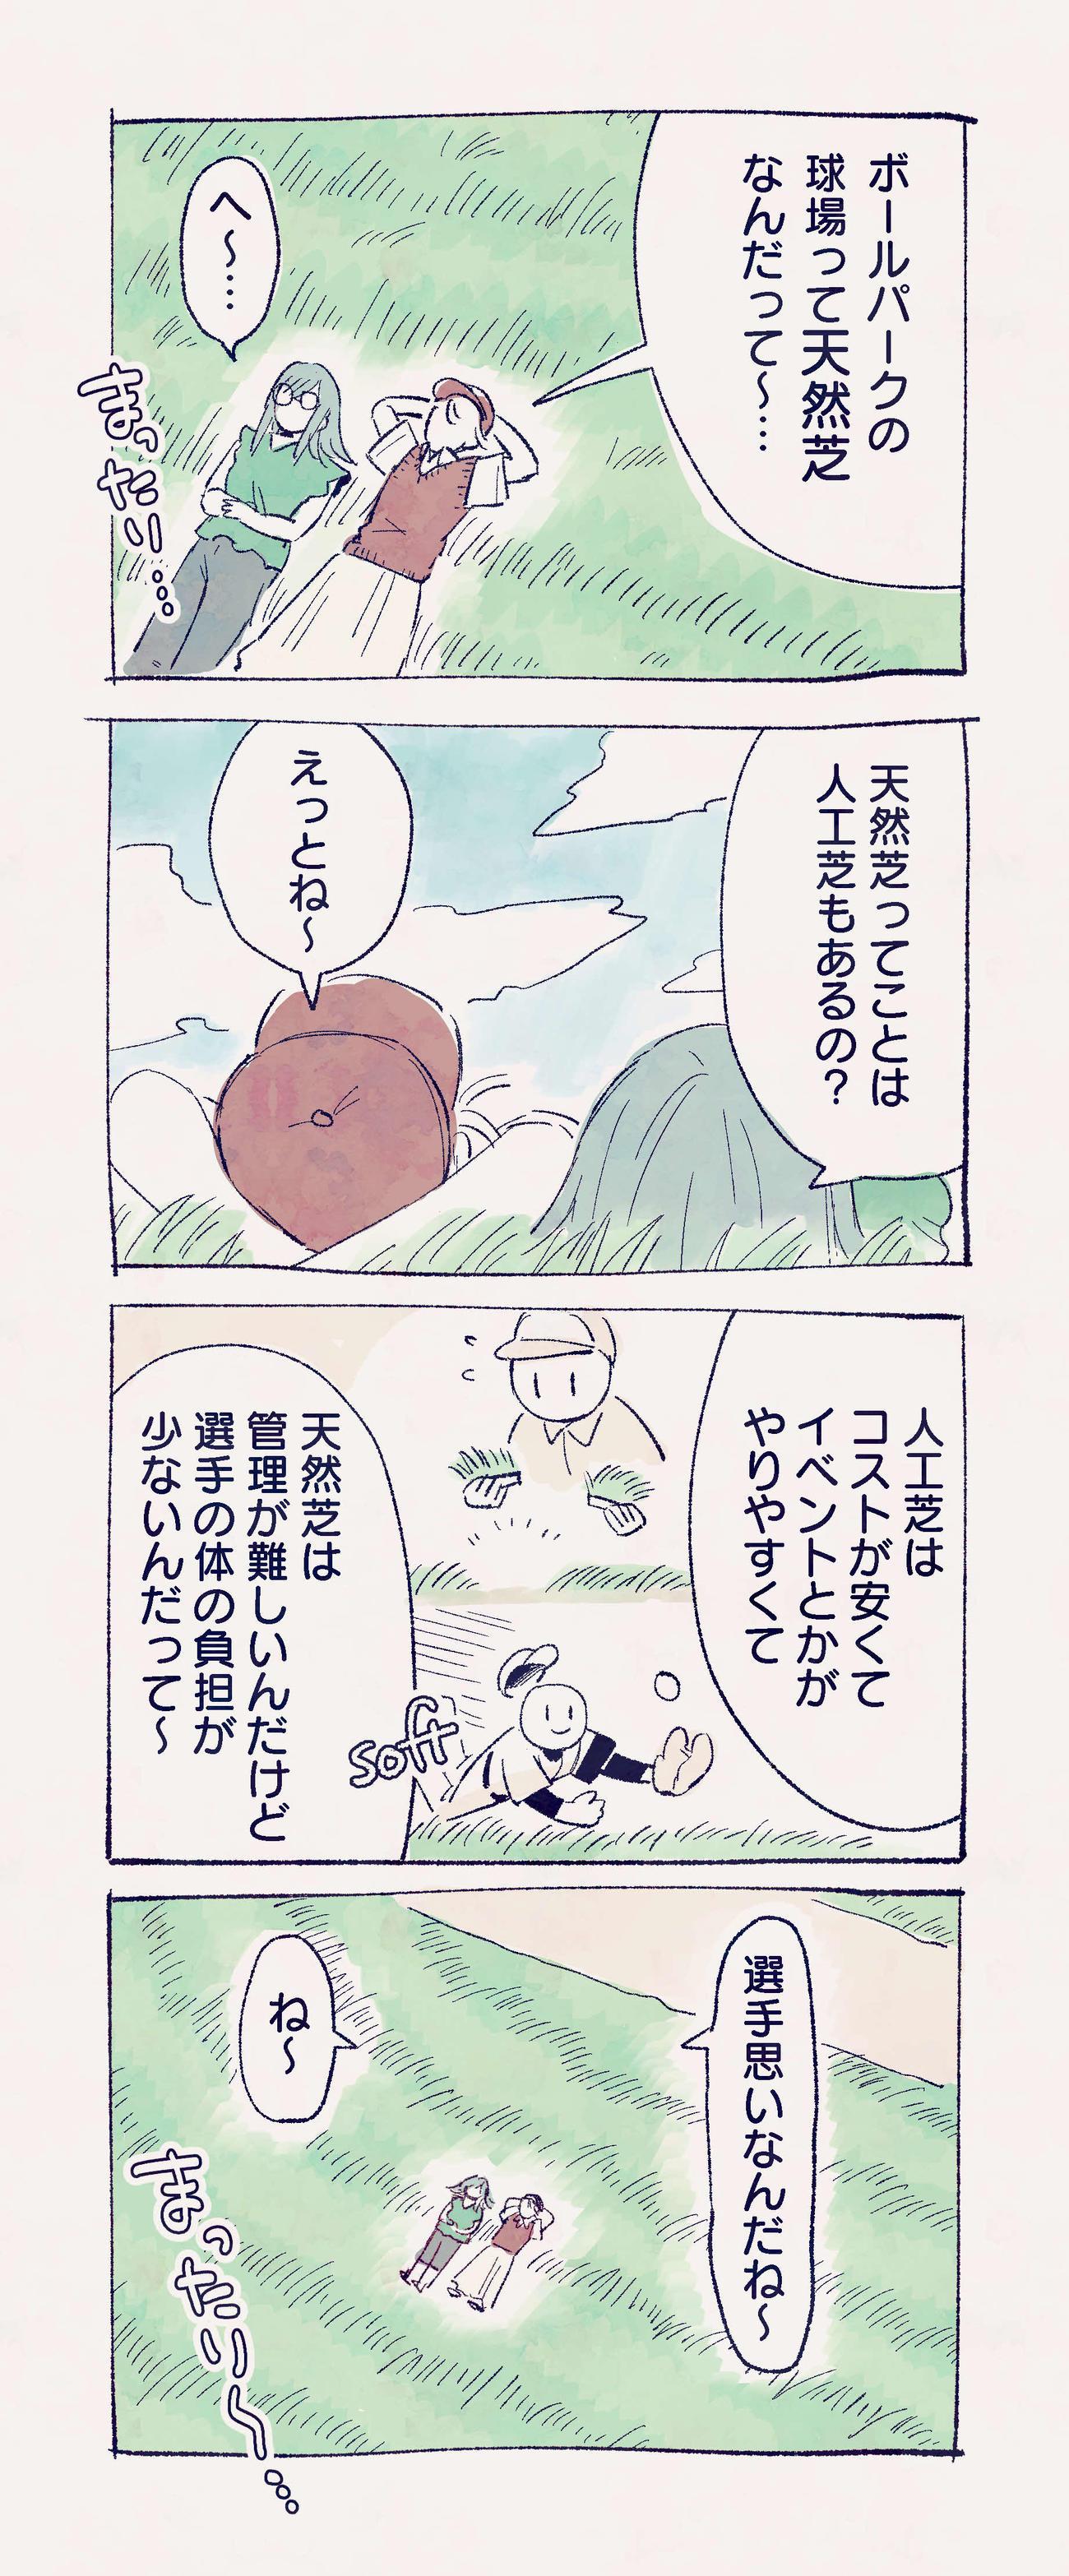 北広島市ボールパーク推進期成会プロジェクトチームメンバーの香川さんが過去に描き、ツイッターで掲載した4コマ漫画(香川さん提供)